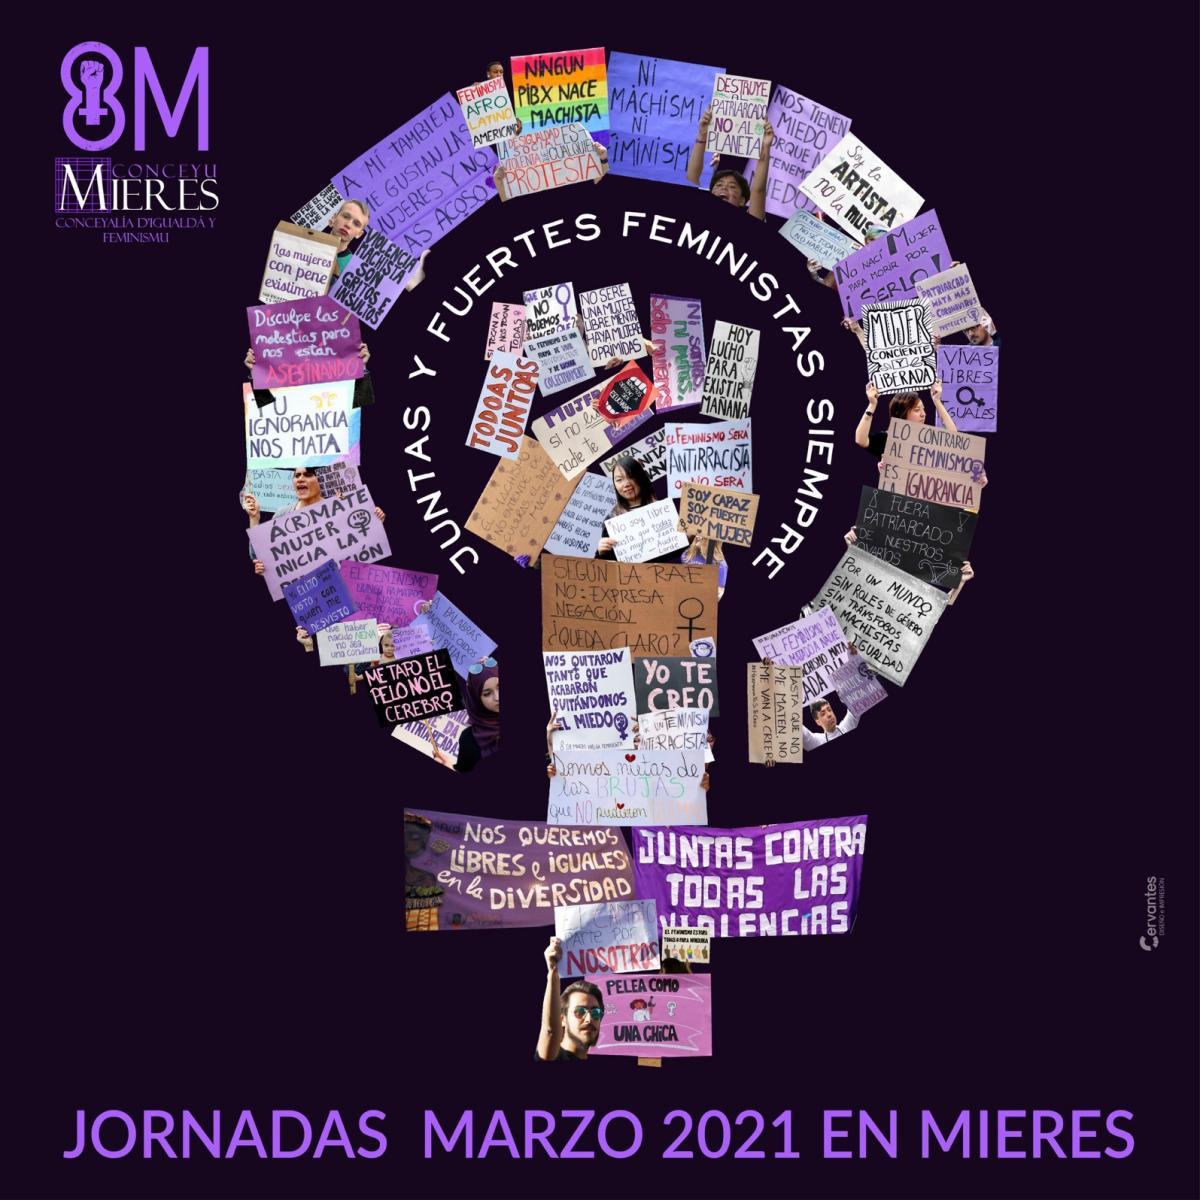 8M 2021 Cartel Web Mieres